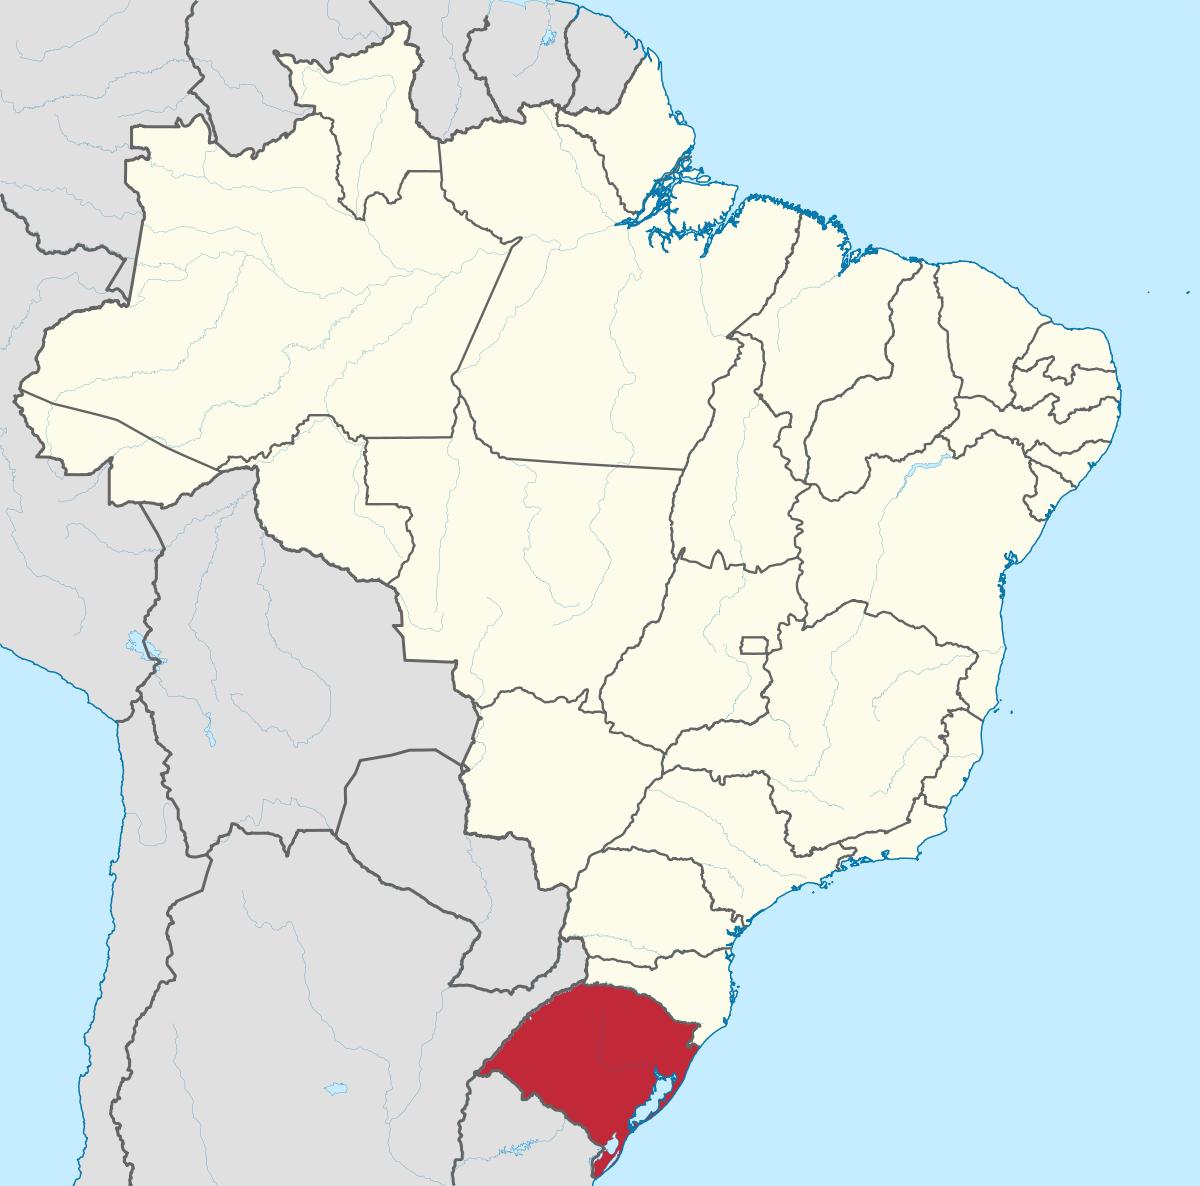 Суды в Бразилии пострадали от вымогательской атаки REvil